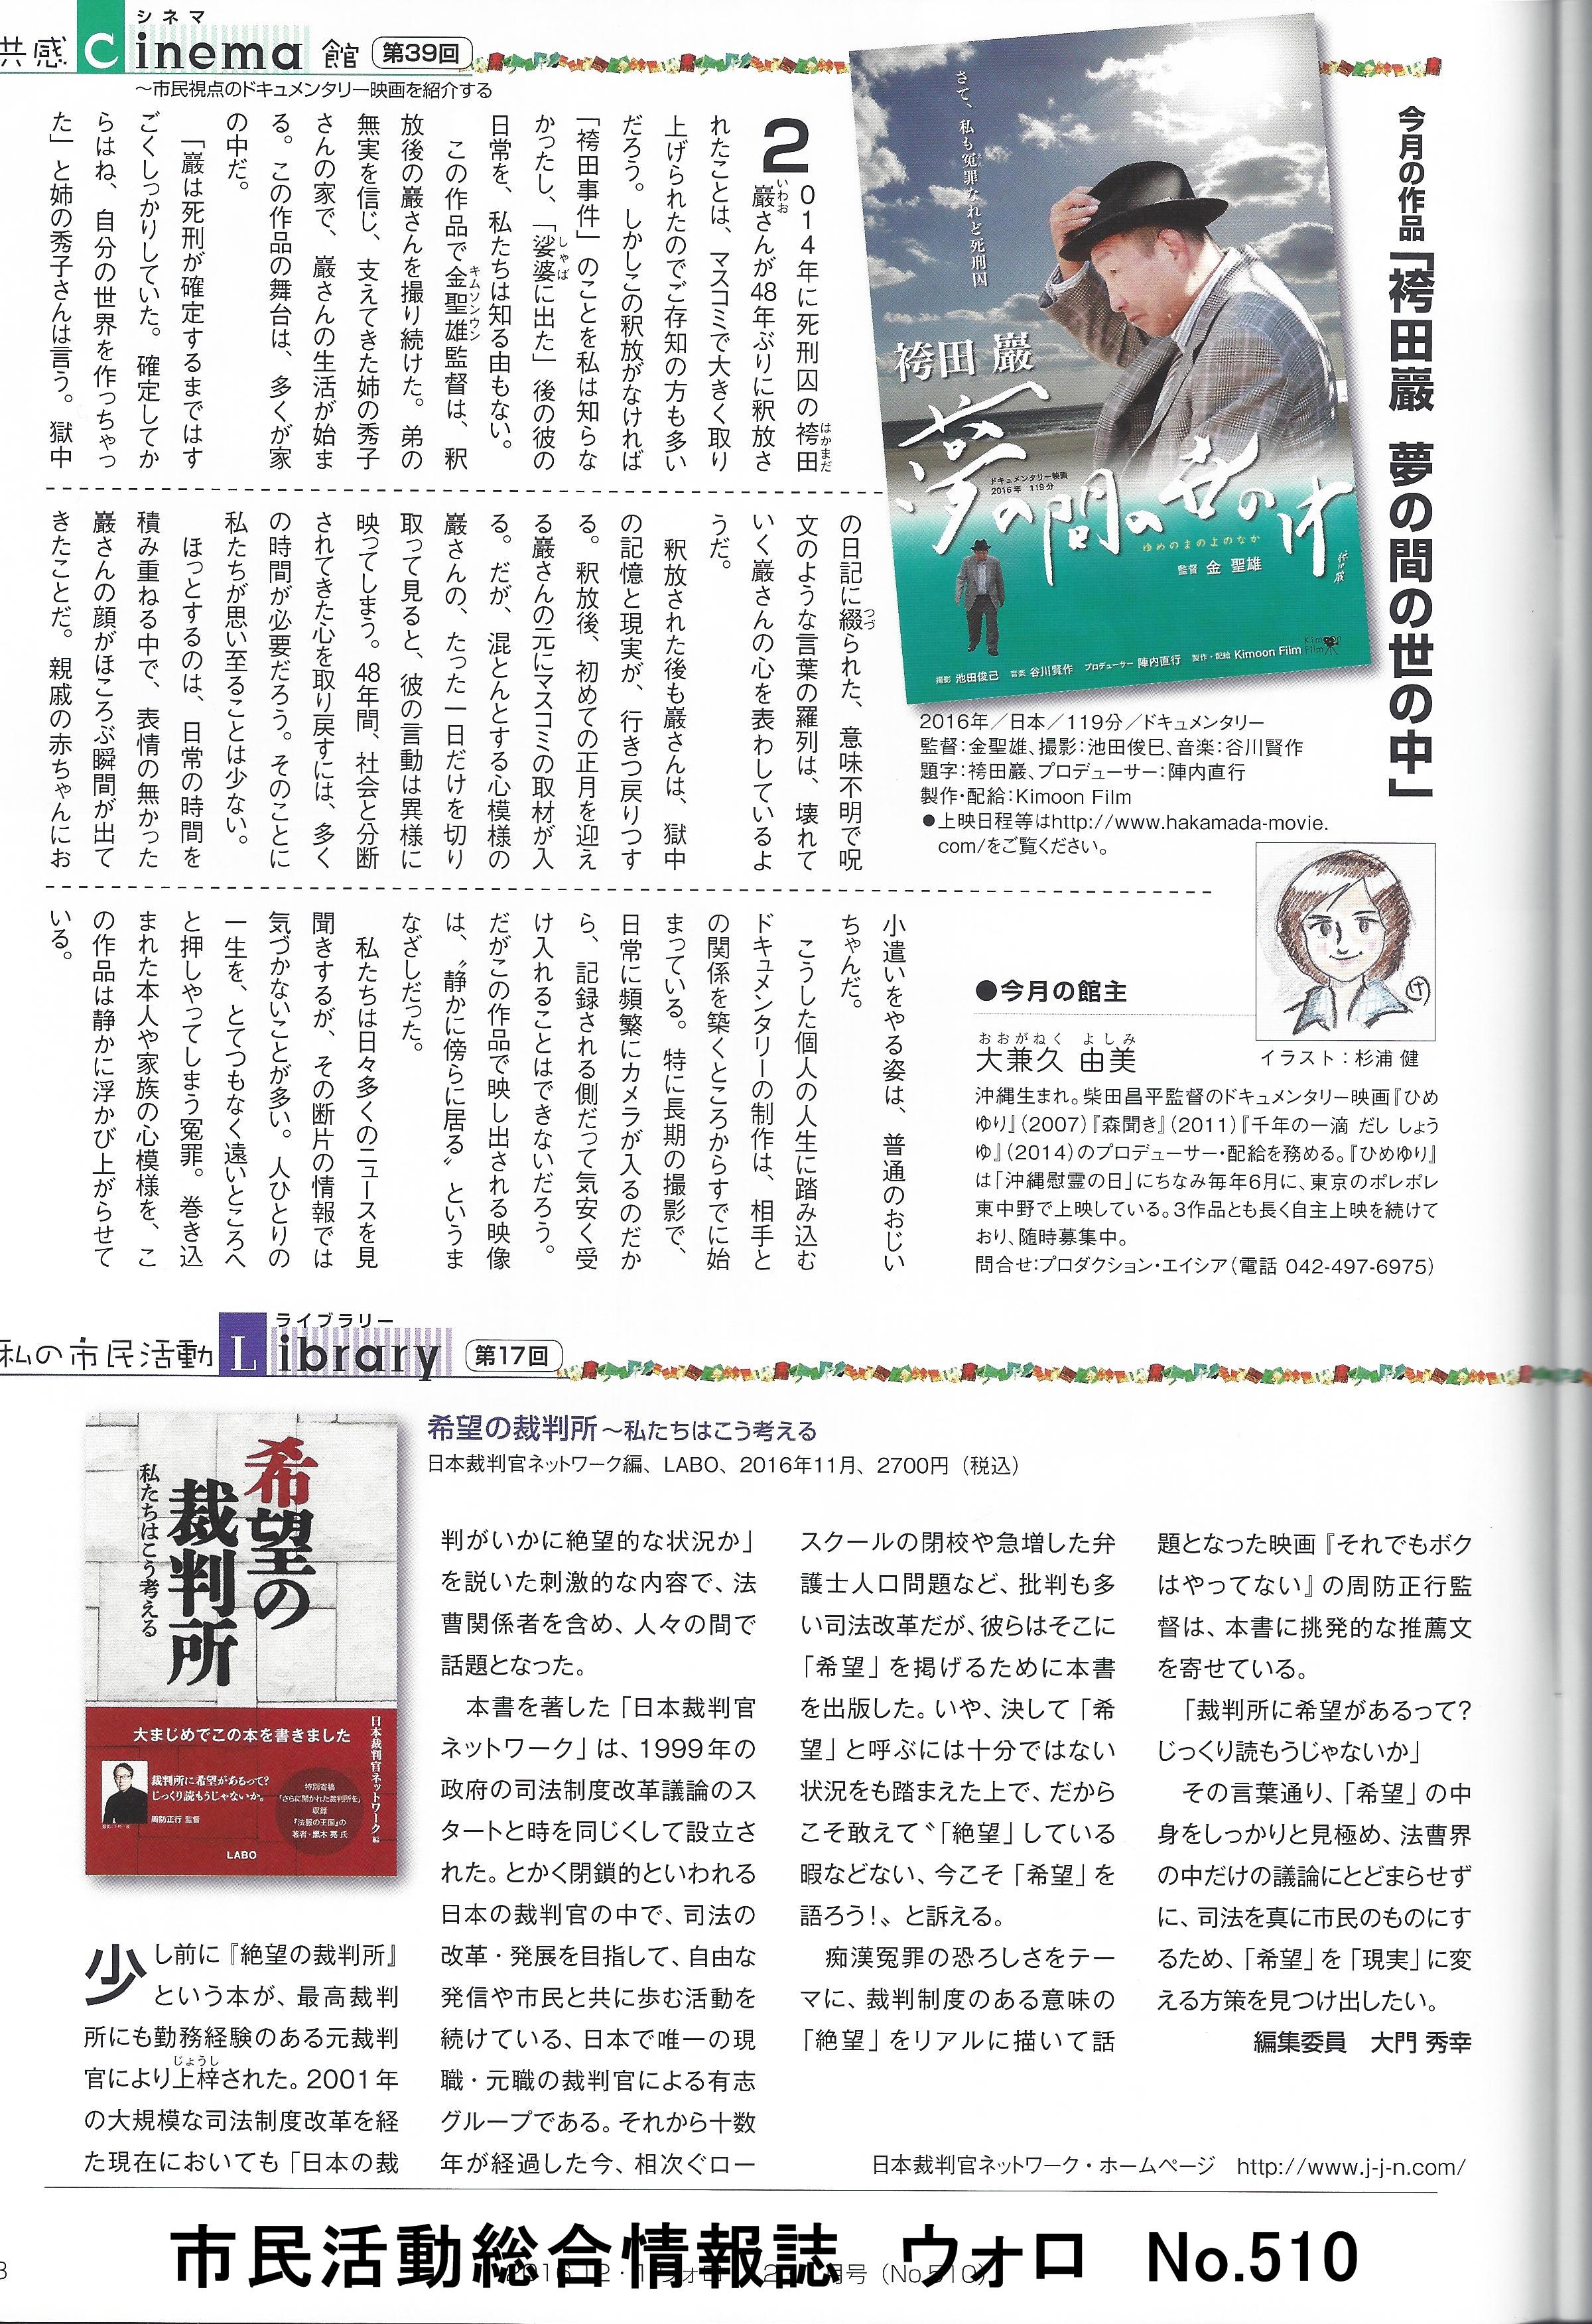 市民活動総合情報誌ウォロ No.510